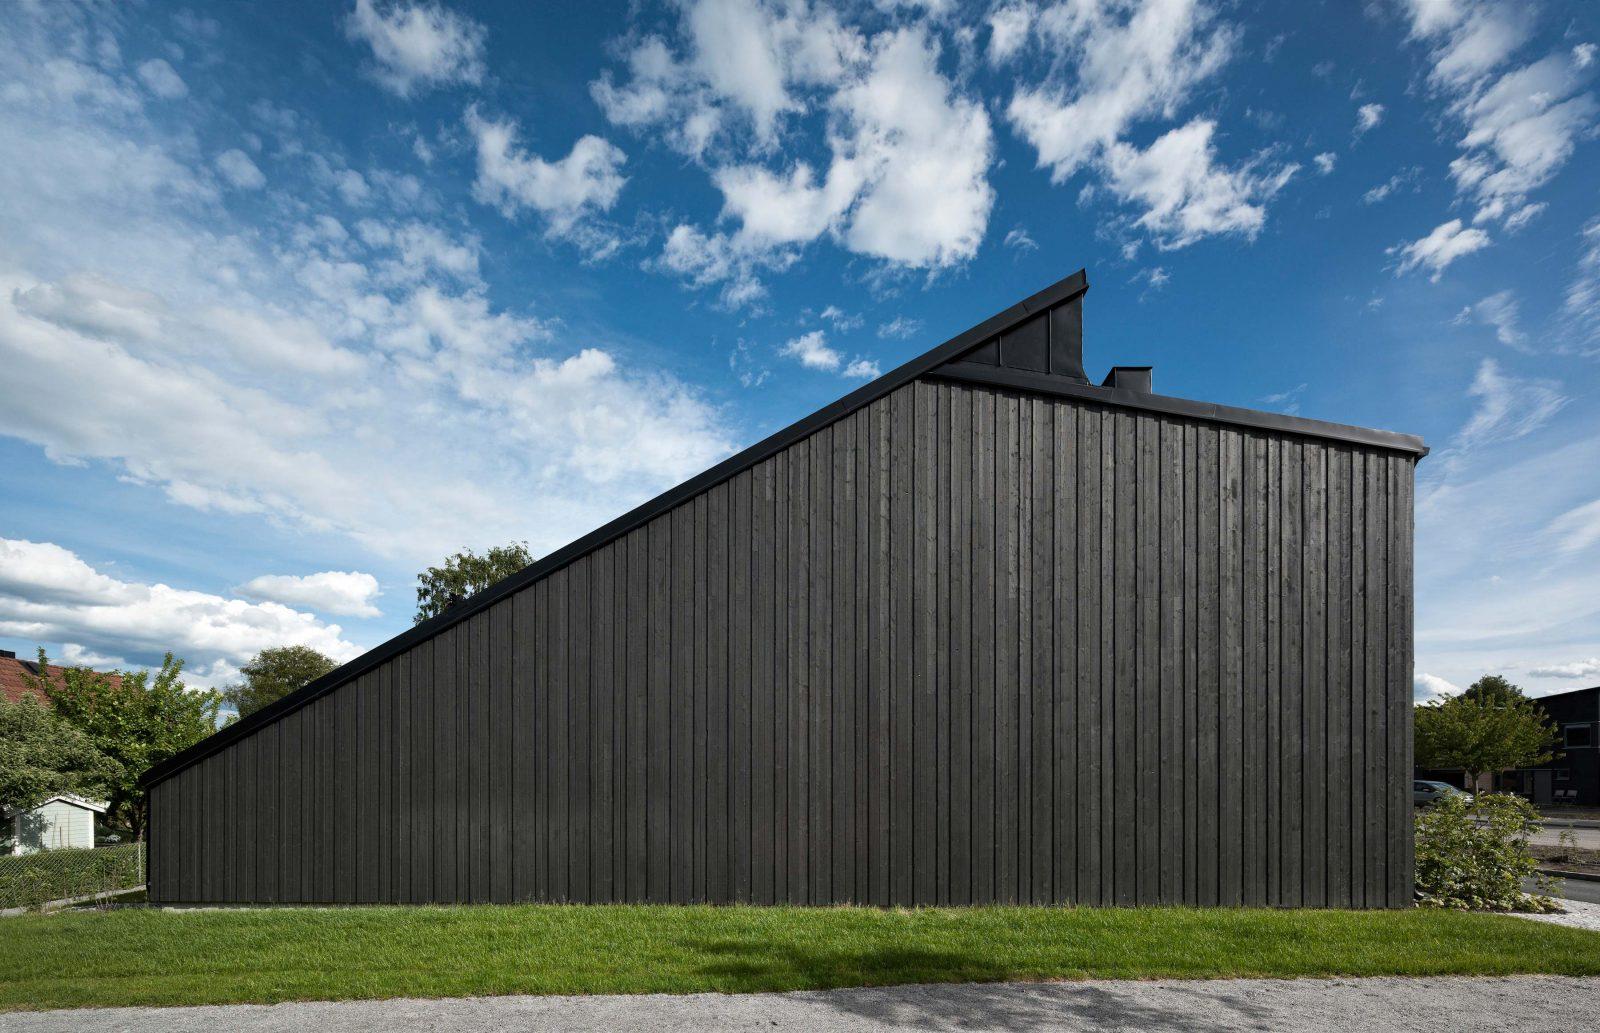 KjellanderSjoberg Sparsamheten facade